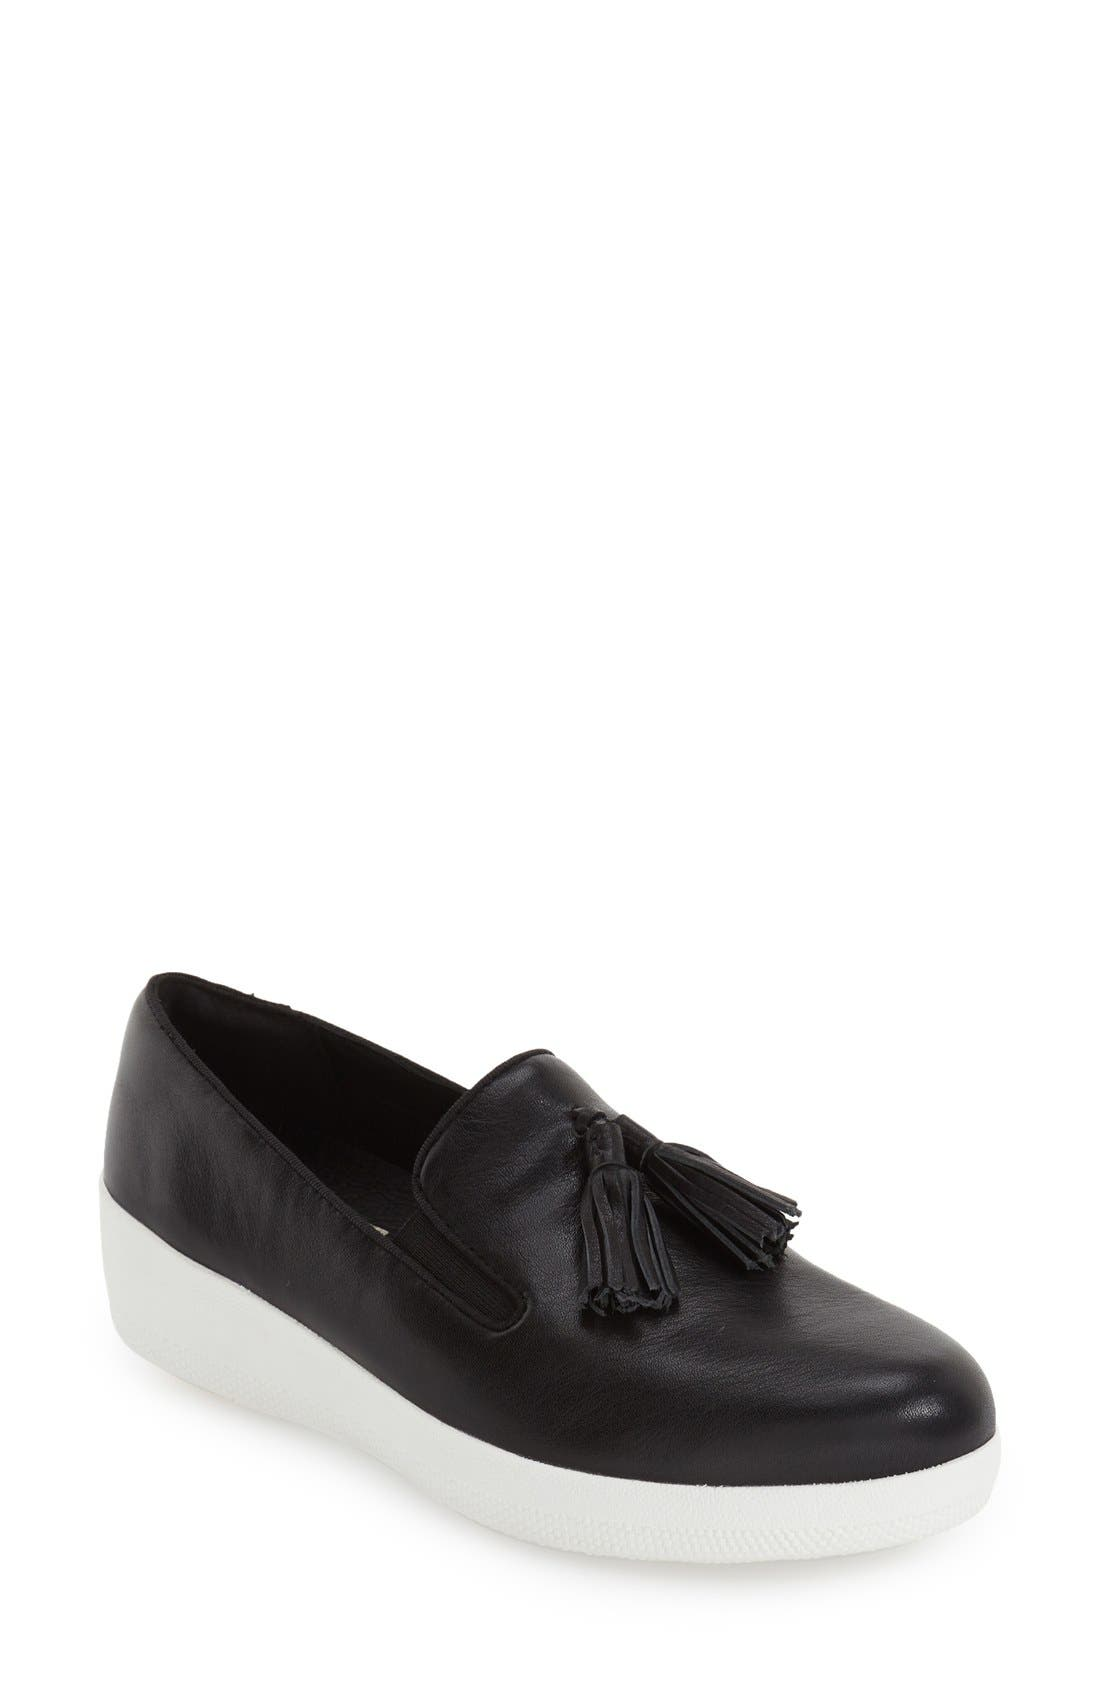 Tassle Superskate Wedge Sneaker,                         Main,                         color, 001